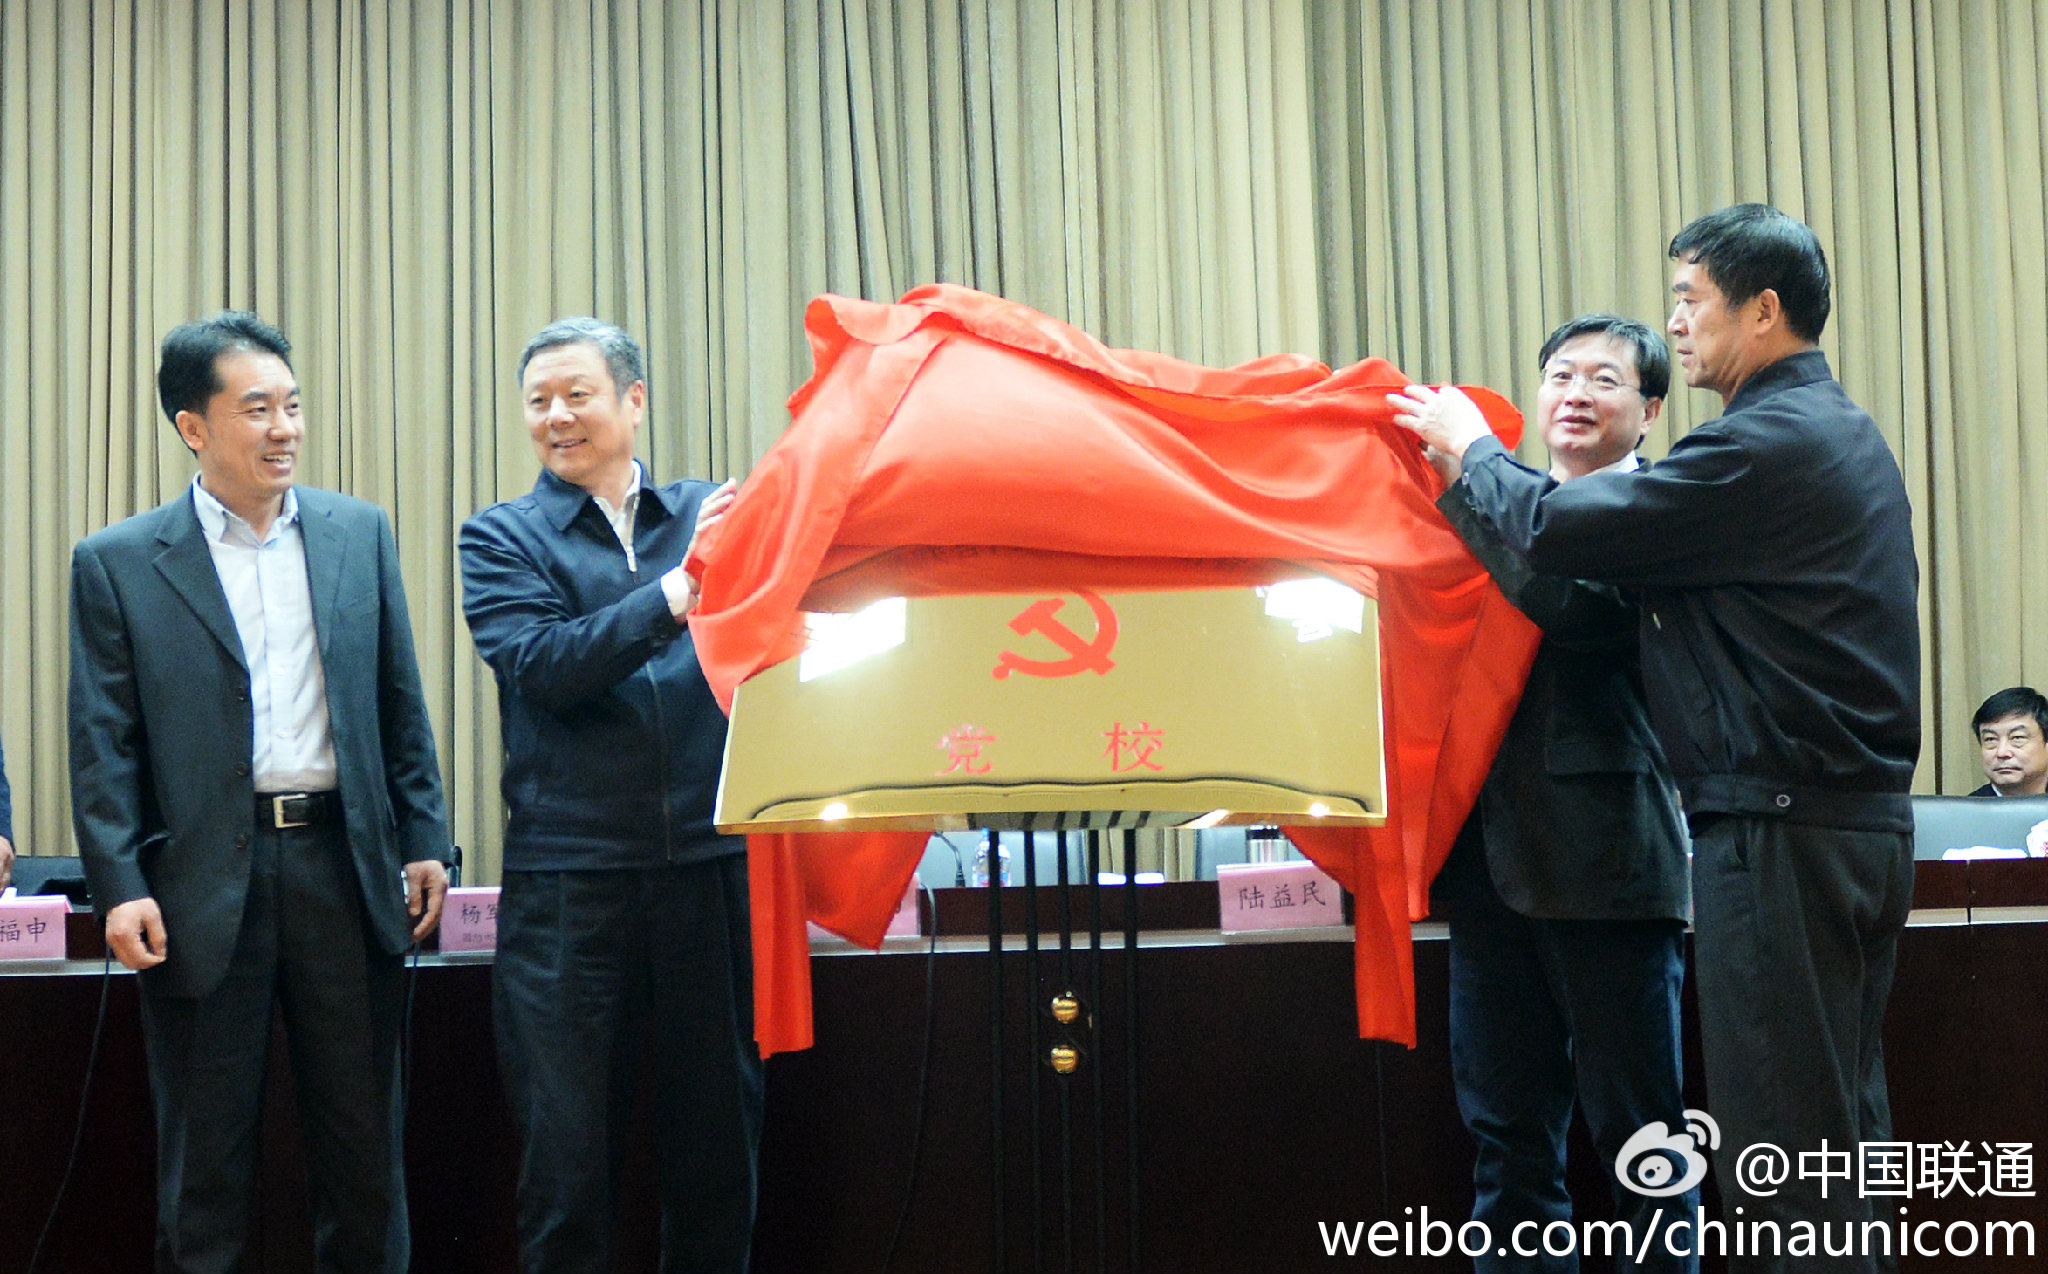 中国联通党校揭牌